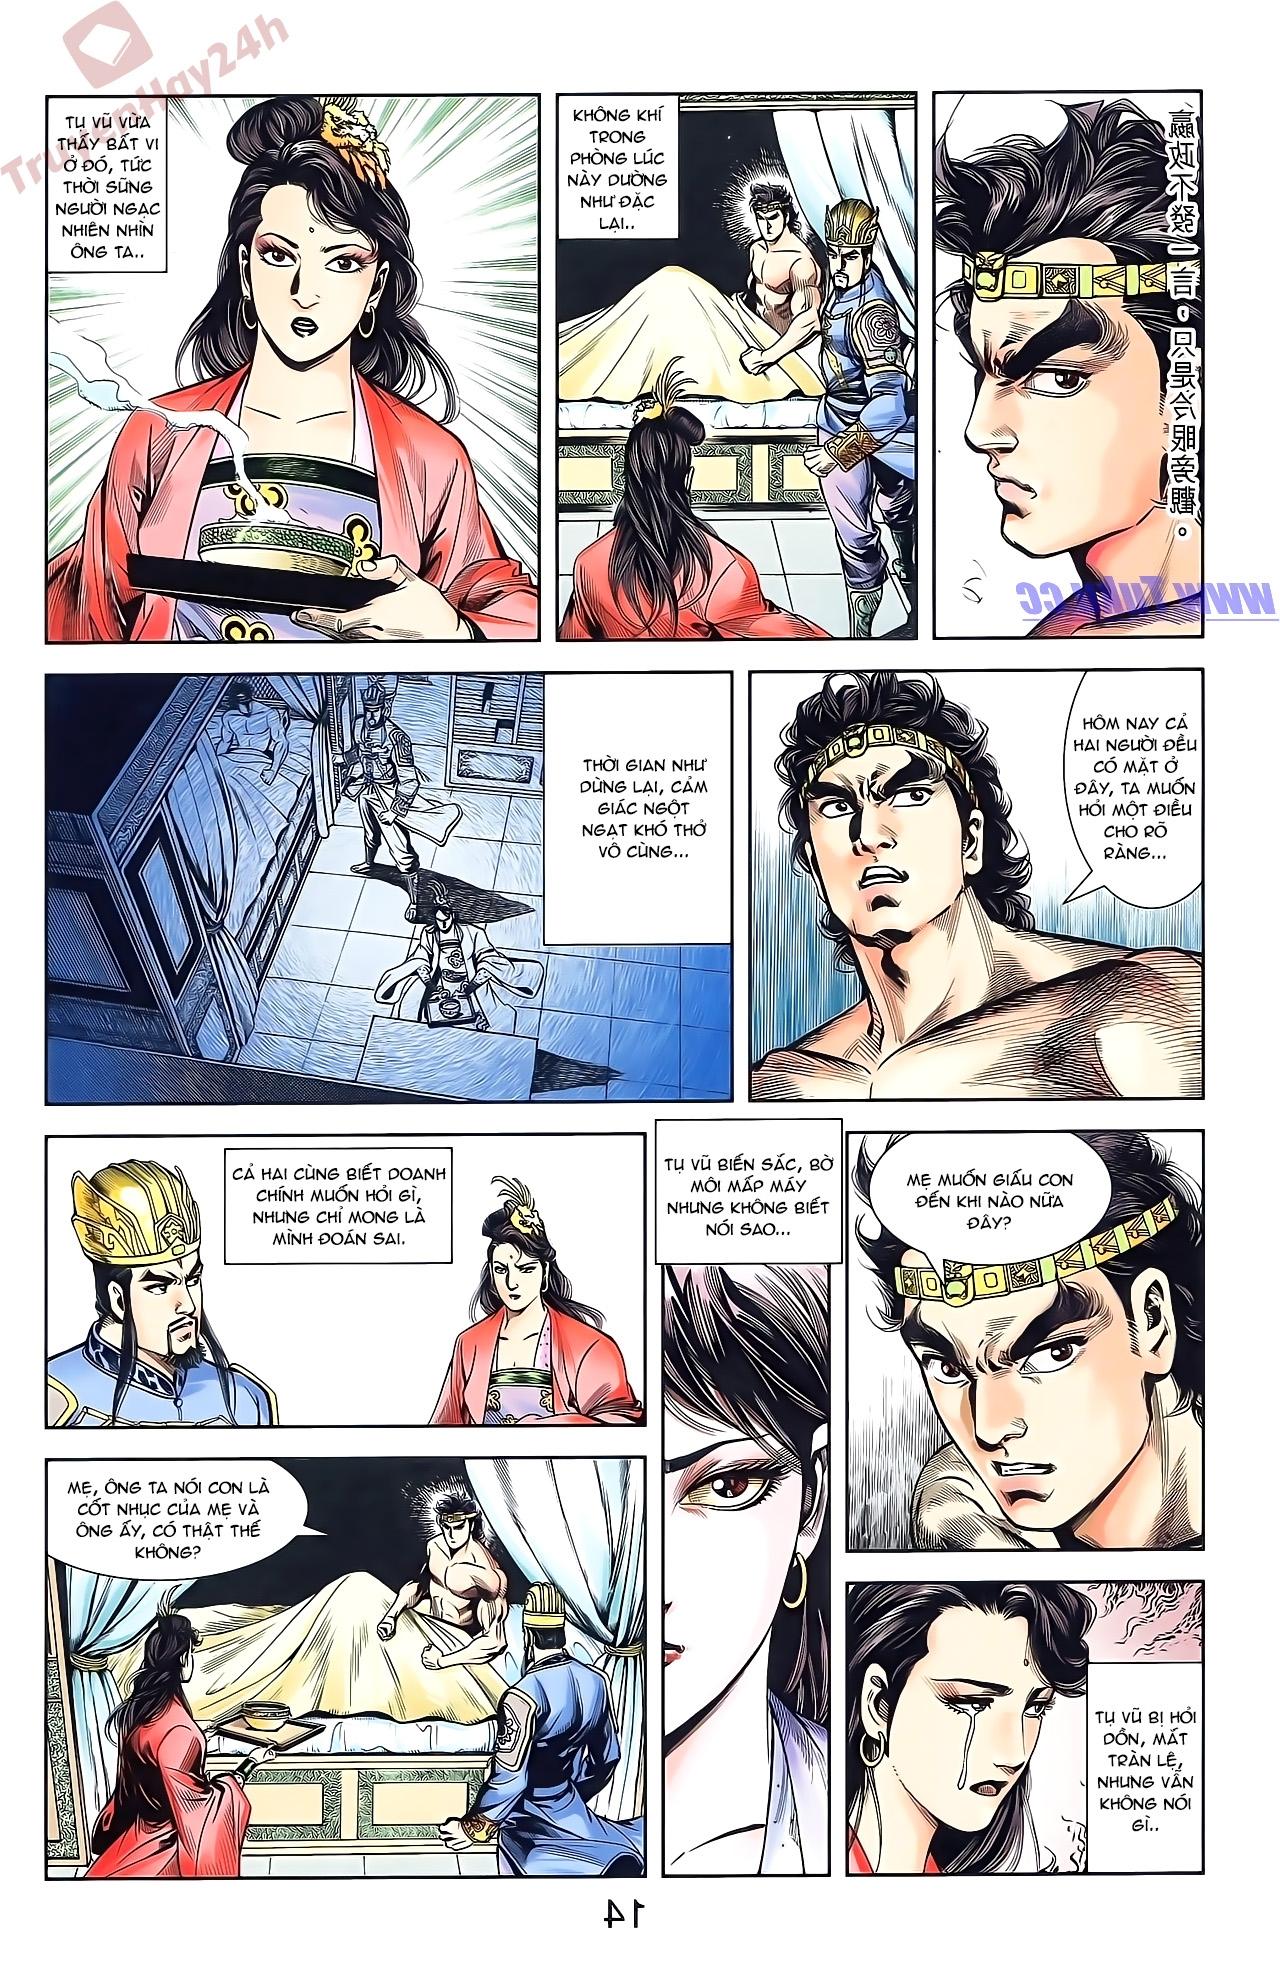 Tần Vương Doanh Chính chapter 50 trang 14